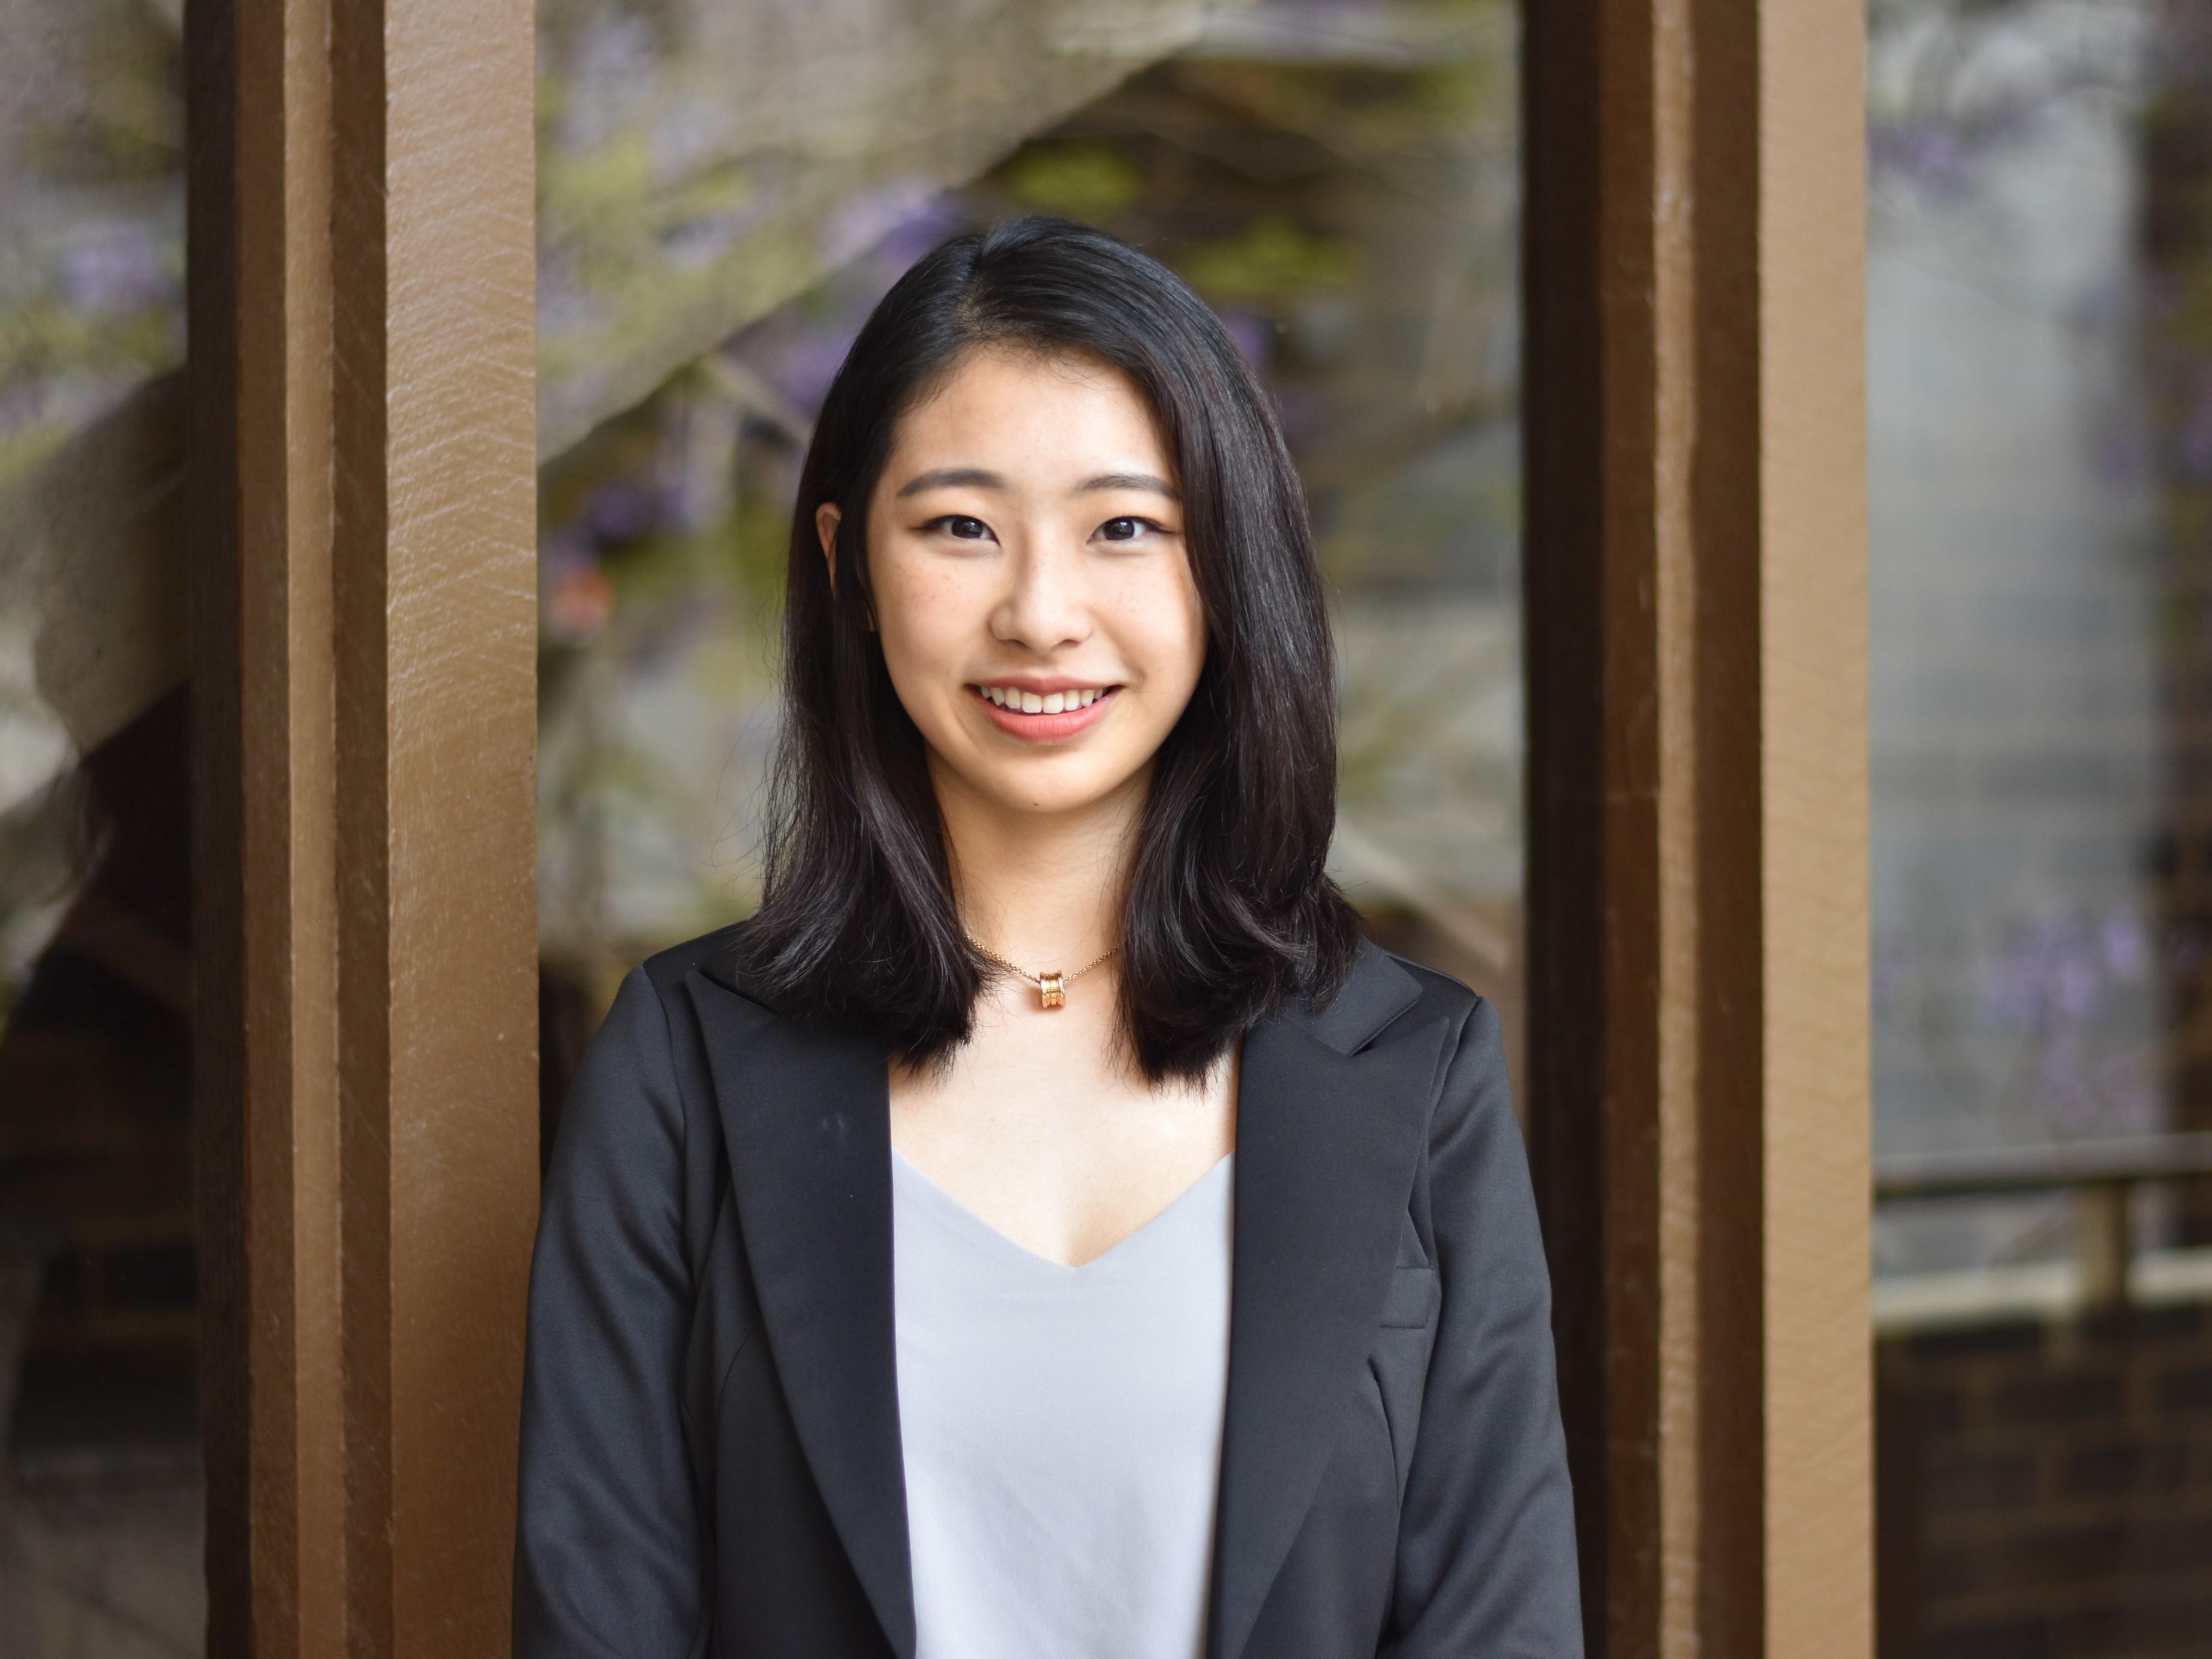 Karrie Chen